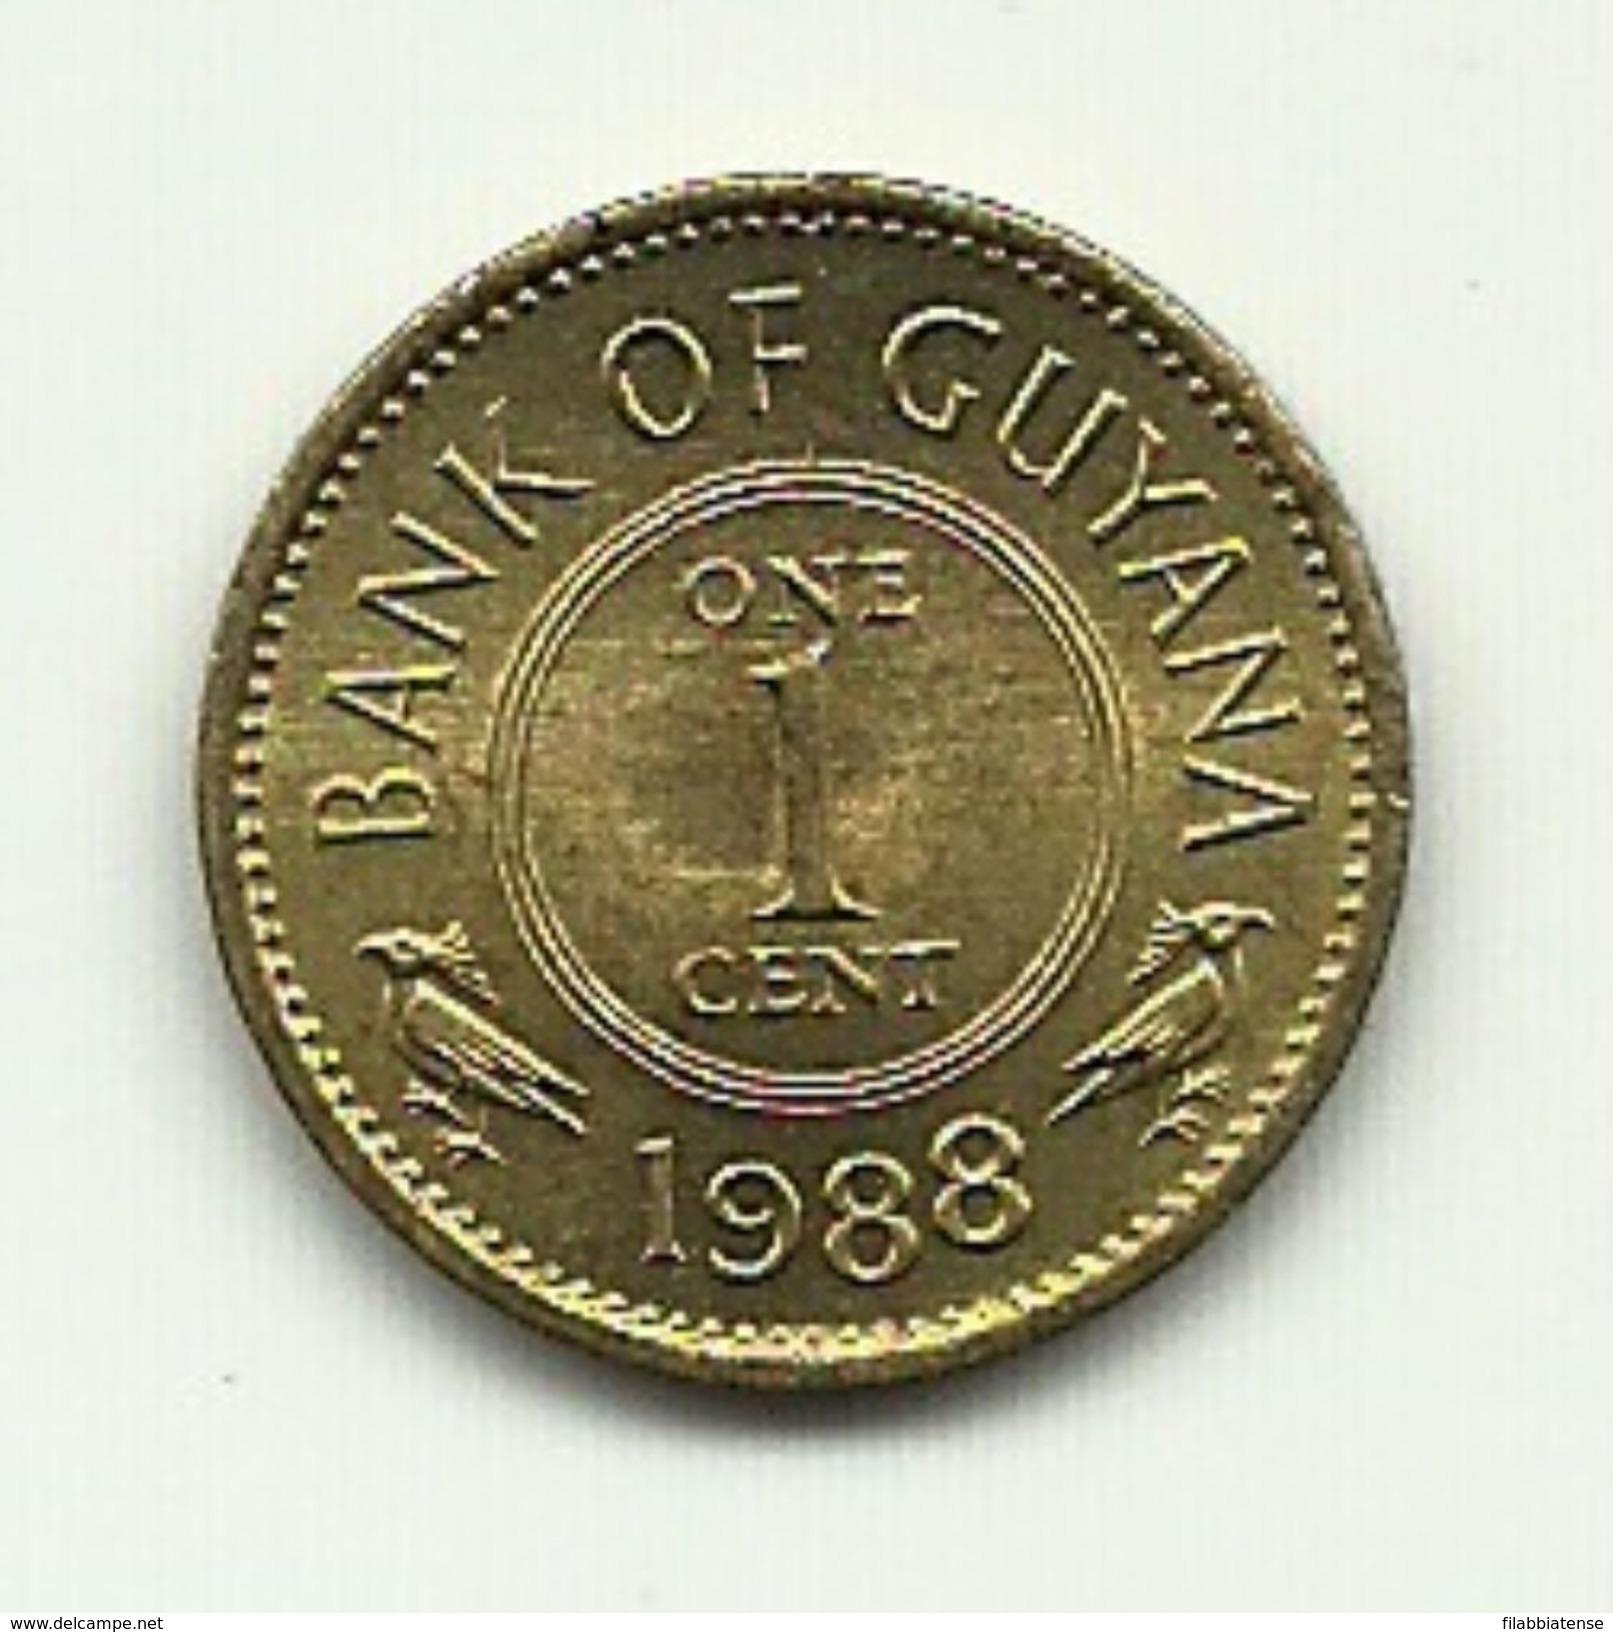 1988 - Guyana 1 Cent, - Guyana